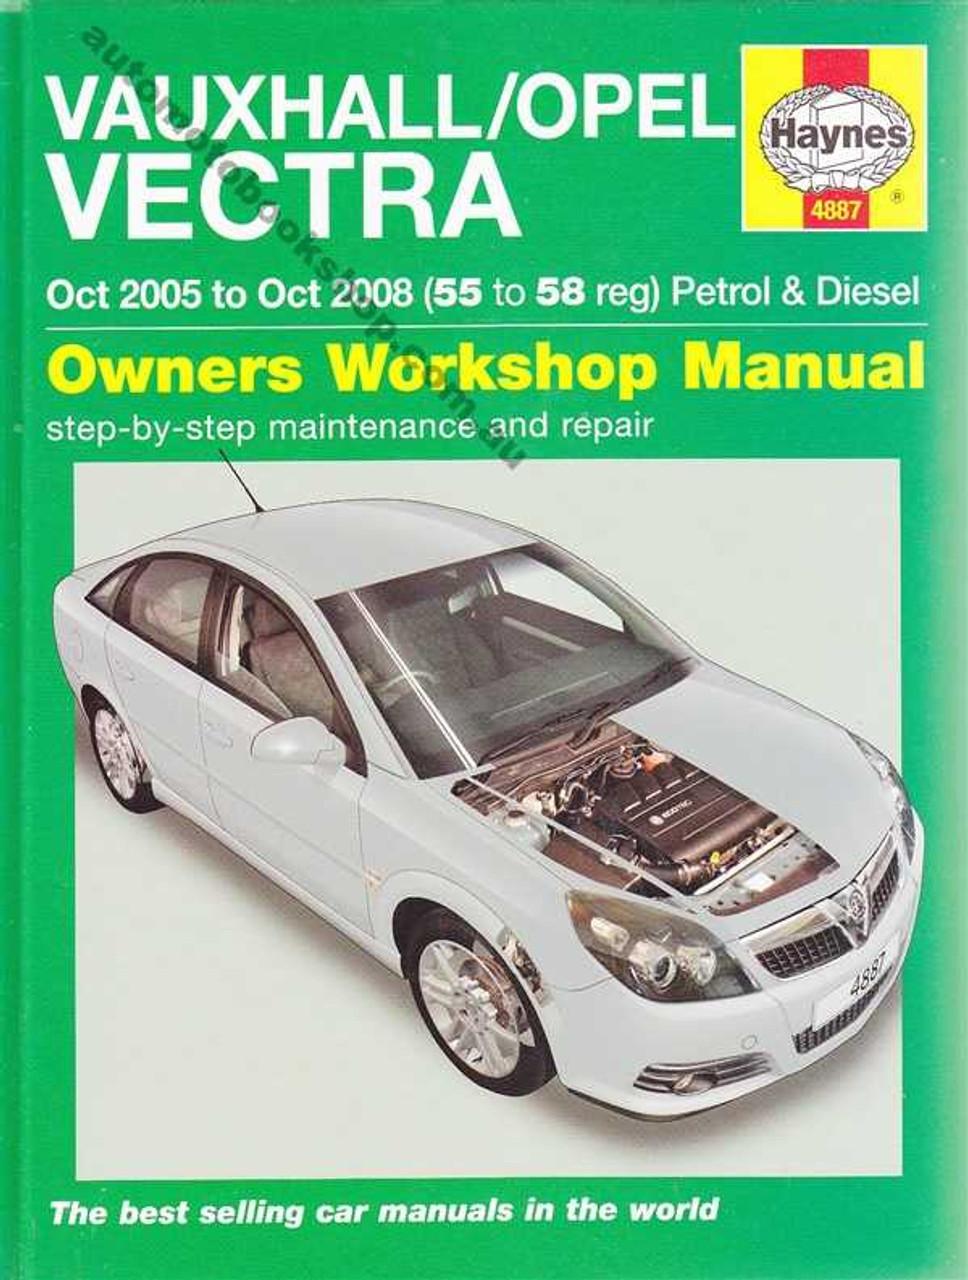 vauxhall vectra 2005 2008 workshop manual rh automotobookshop com au opel vectra workshop manual opel vectra repair manual